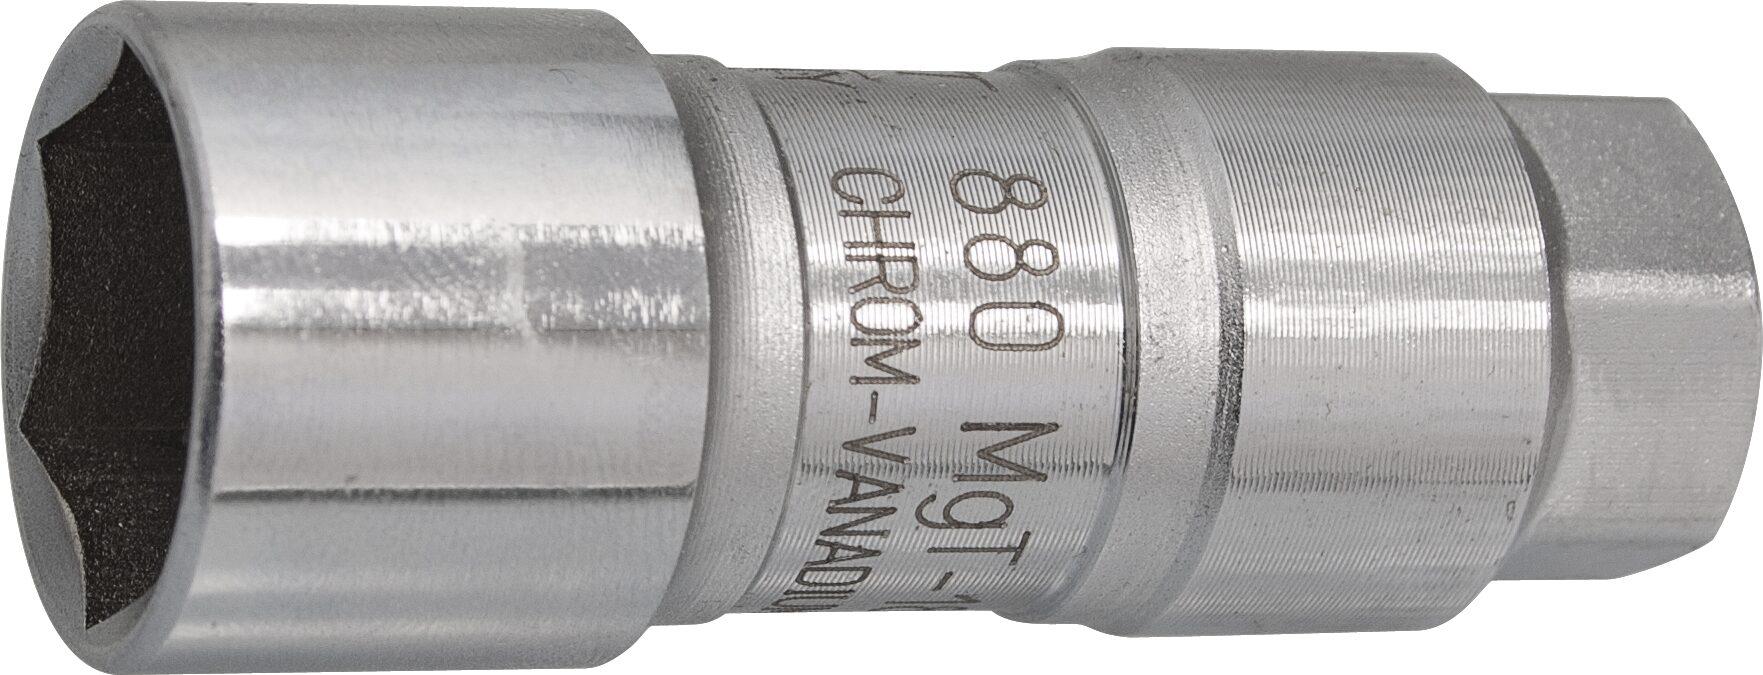 HAZET Zündkerzen Steckschlüsseleinsatz 880MGT-18 ∙ Vierkant hohl 10 mm (3/8 Zoll) ∙ Außen-Sechskant Profil ∙ 18 mm